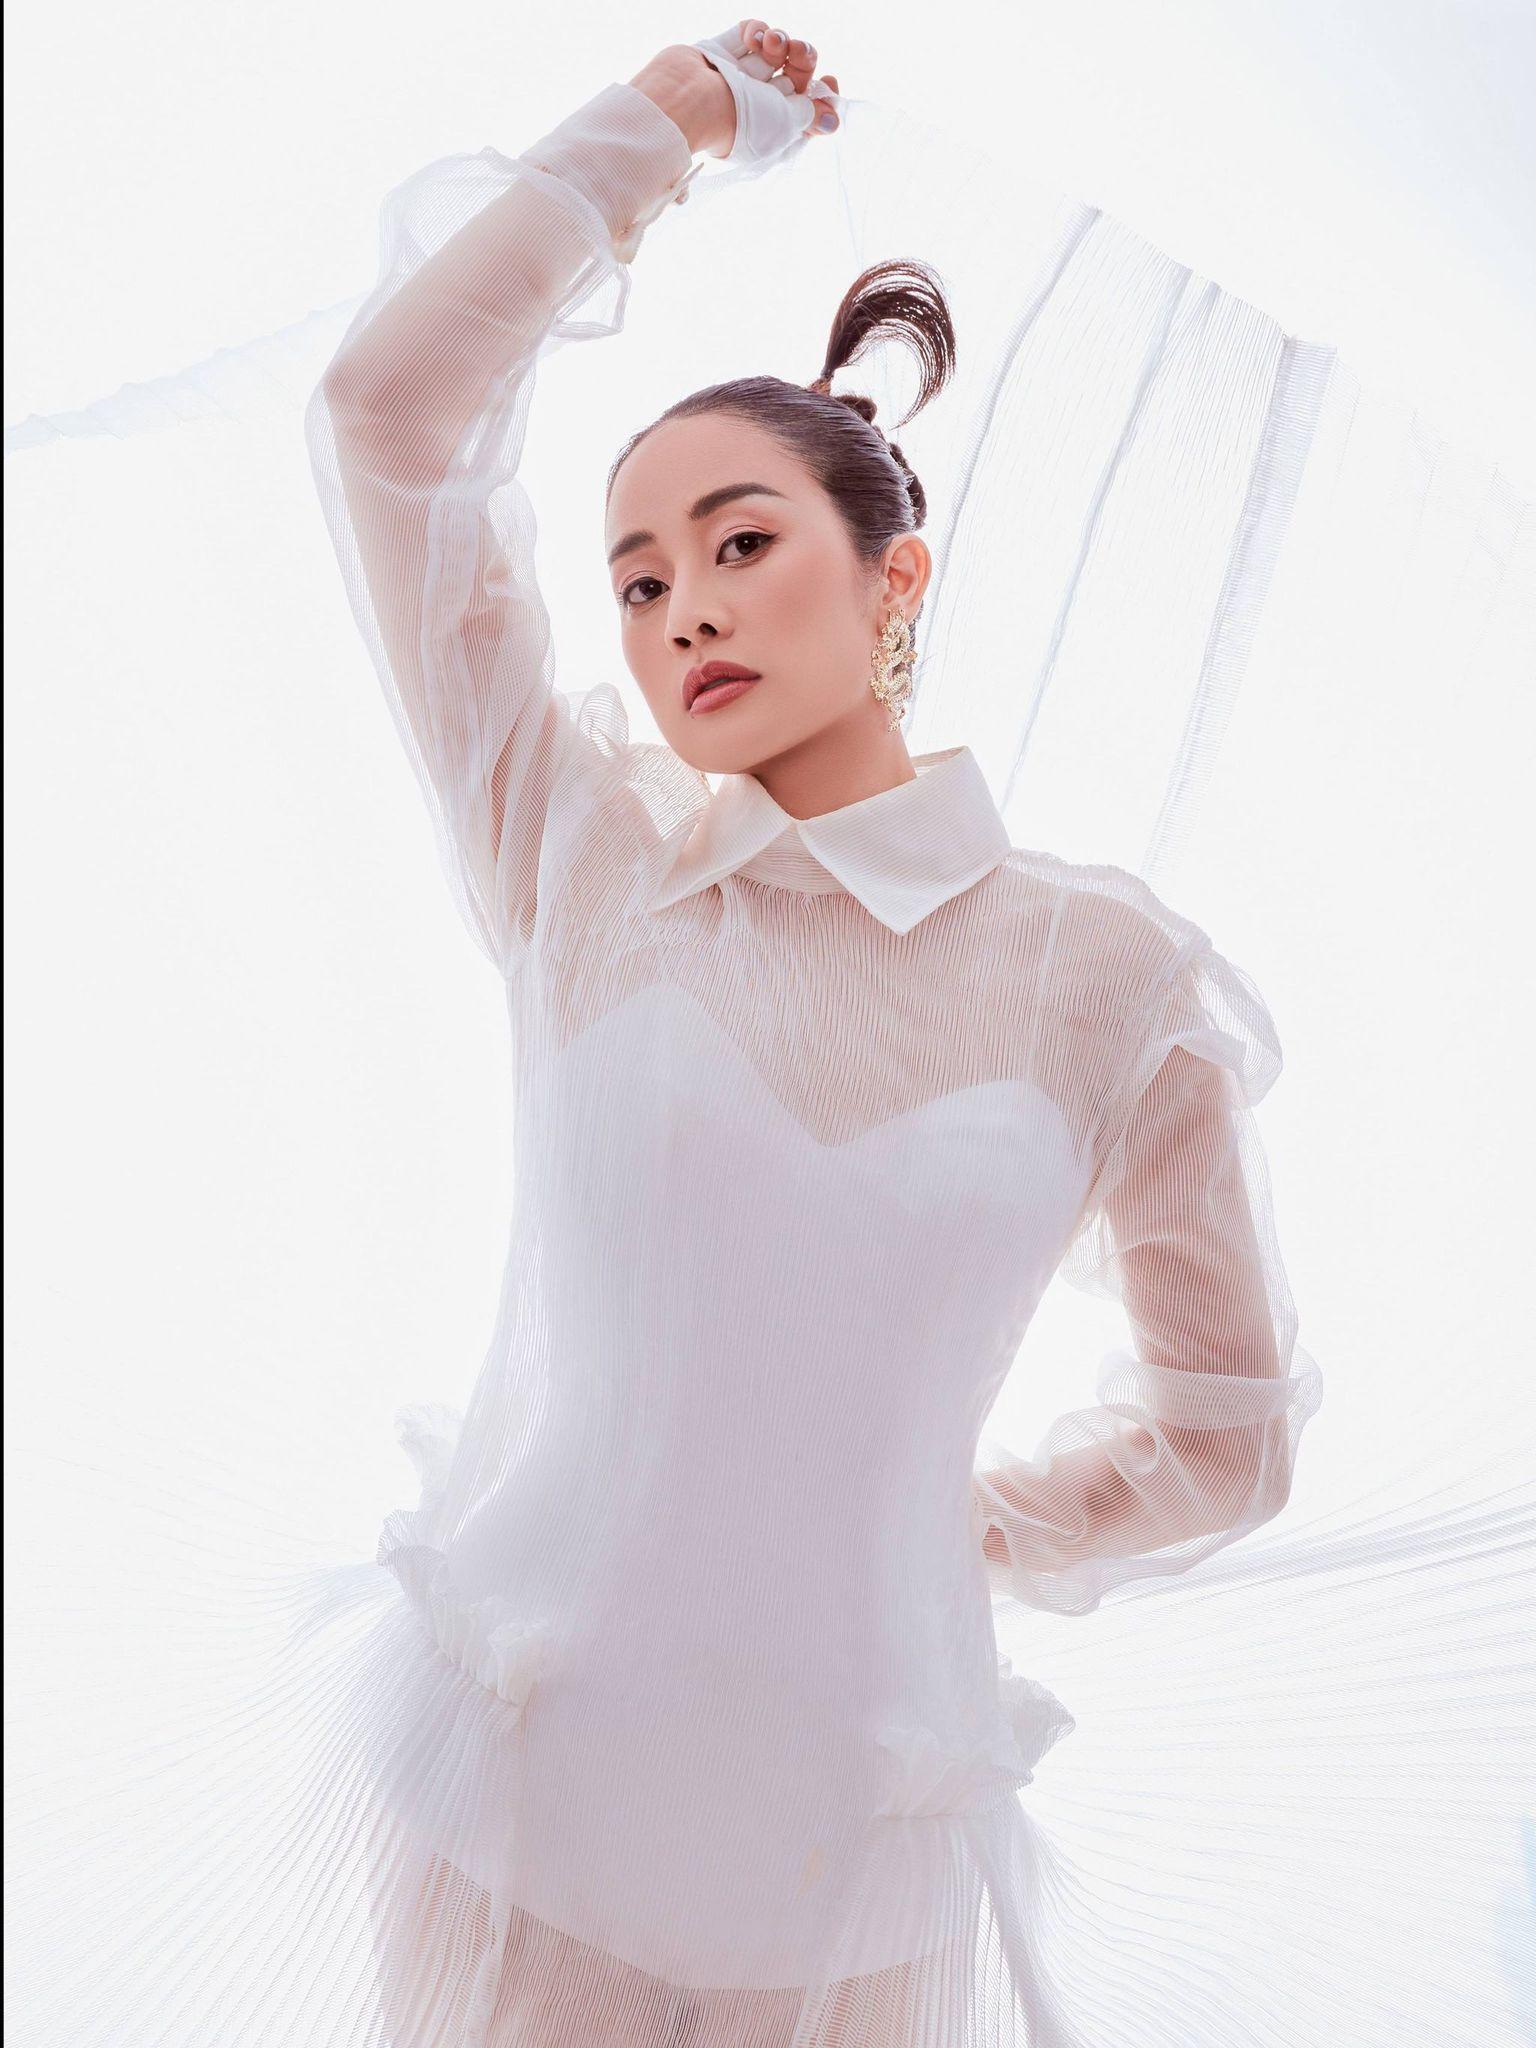 MC Phí Linh: Chồng tôi làm 'sếp' ở VTV nhưng về nhà là 'thường dân'